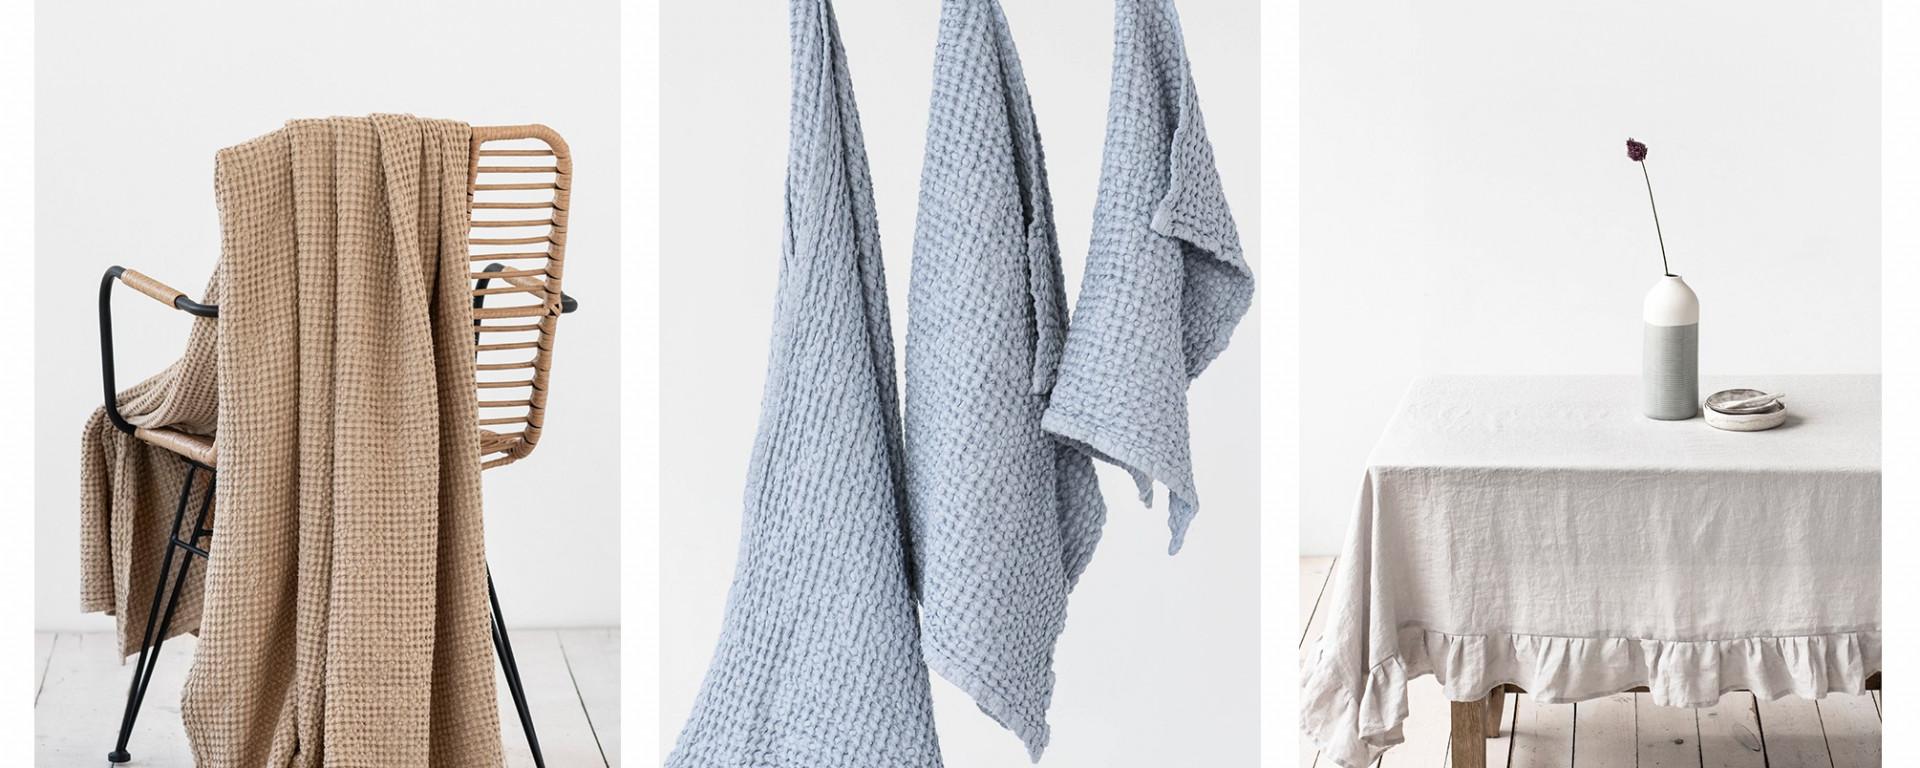 Linen tablecloths from MagicLinen